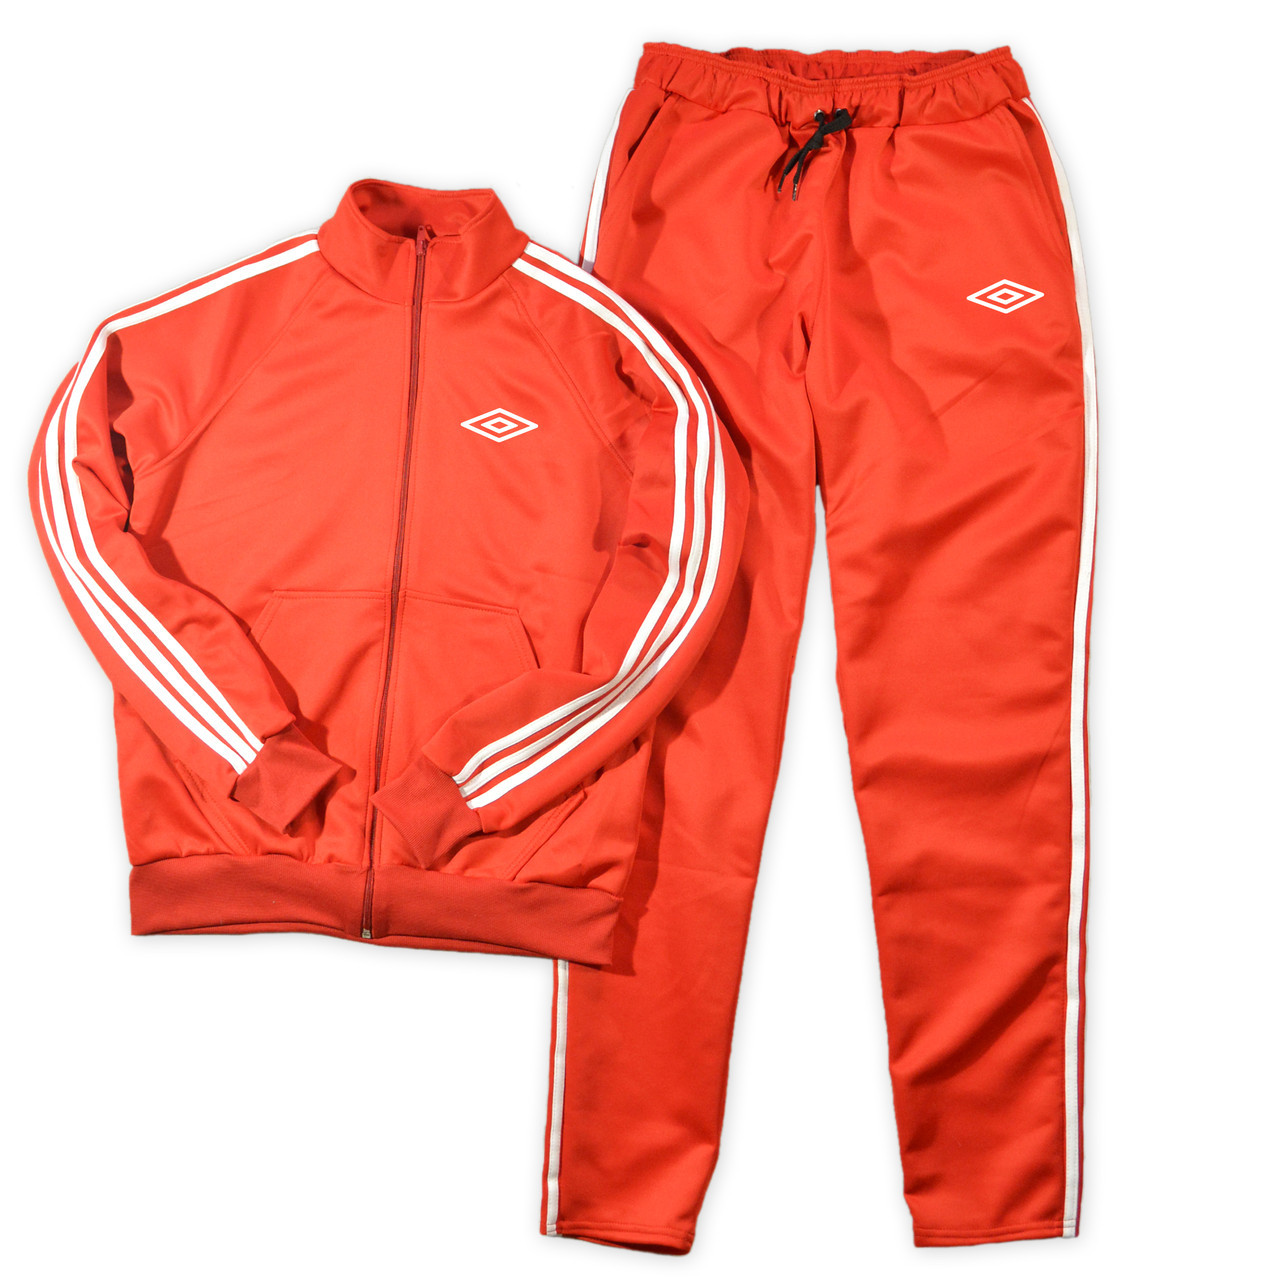 Демисезонный спортивный костюм Umbro для мужчины (Умбро)